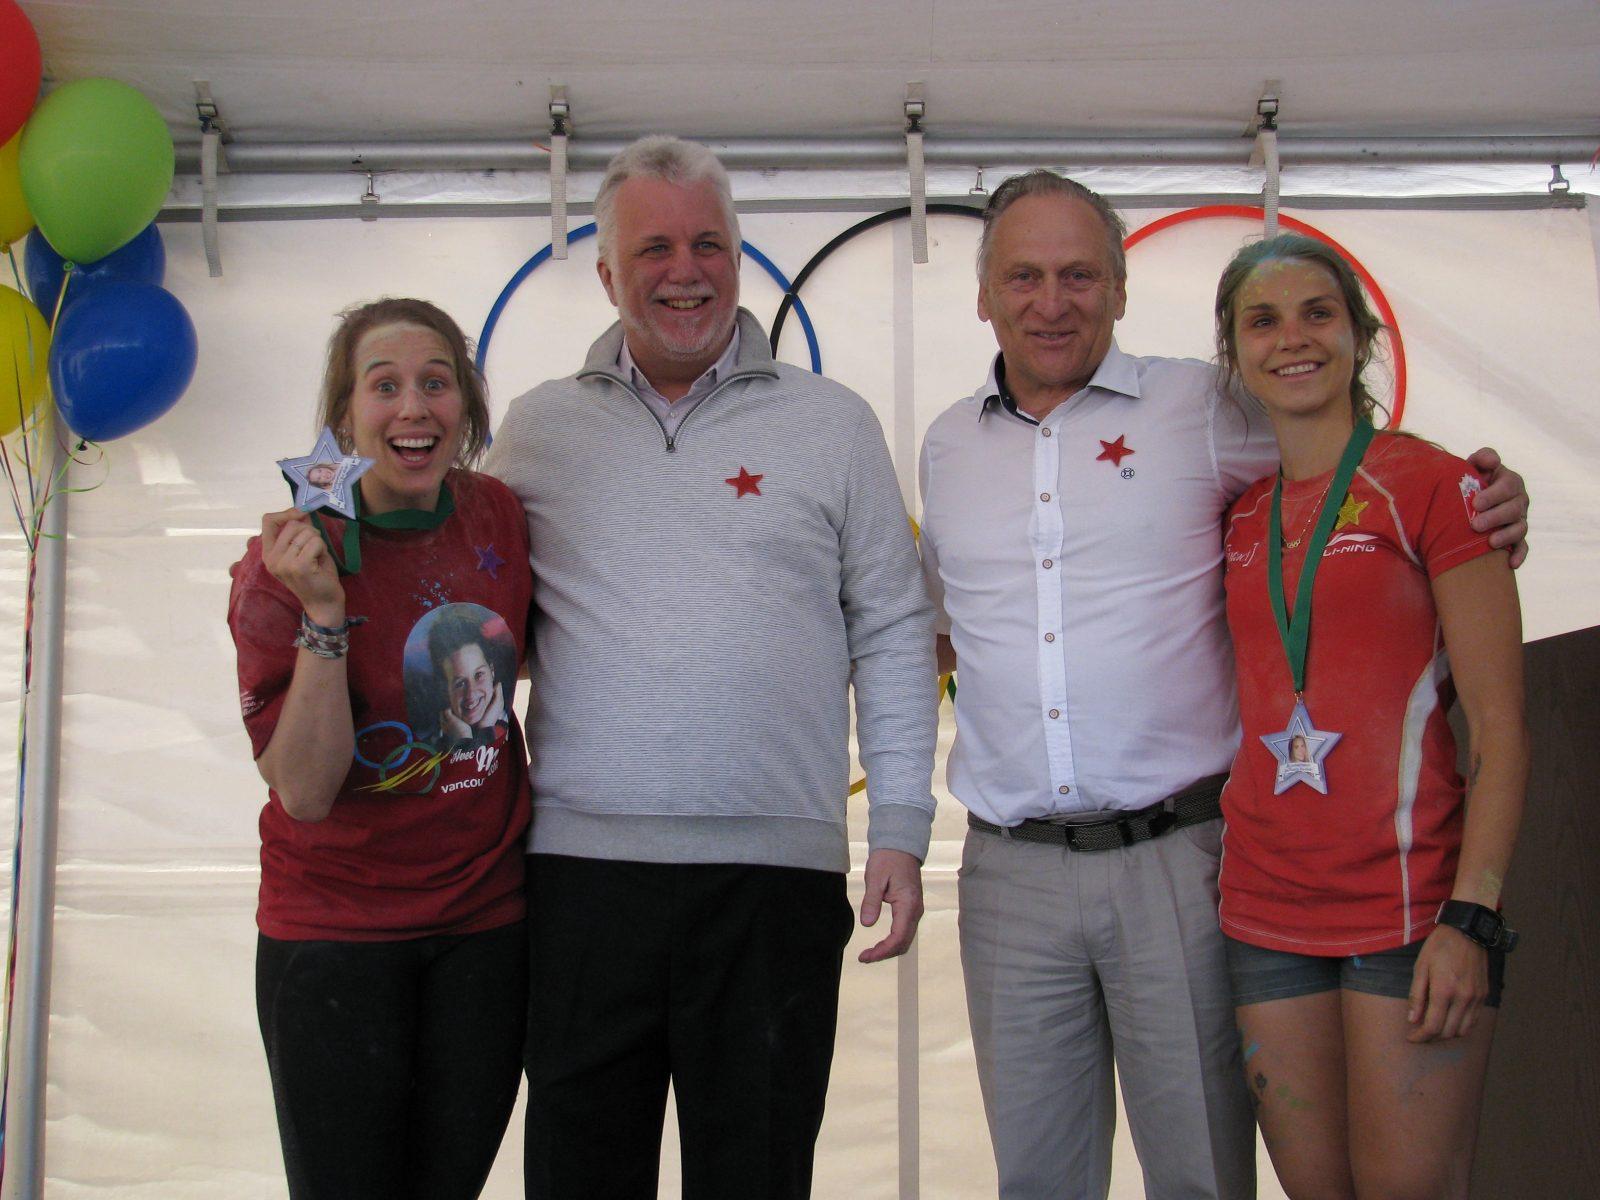 Hommage aux olympiennes : encore des médailles!